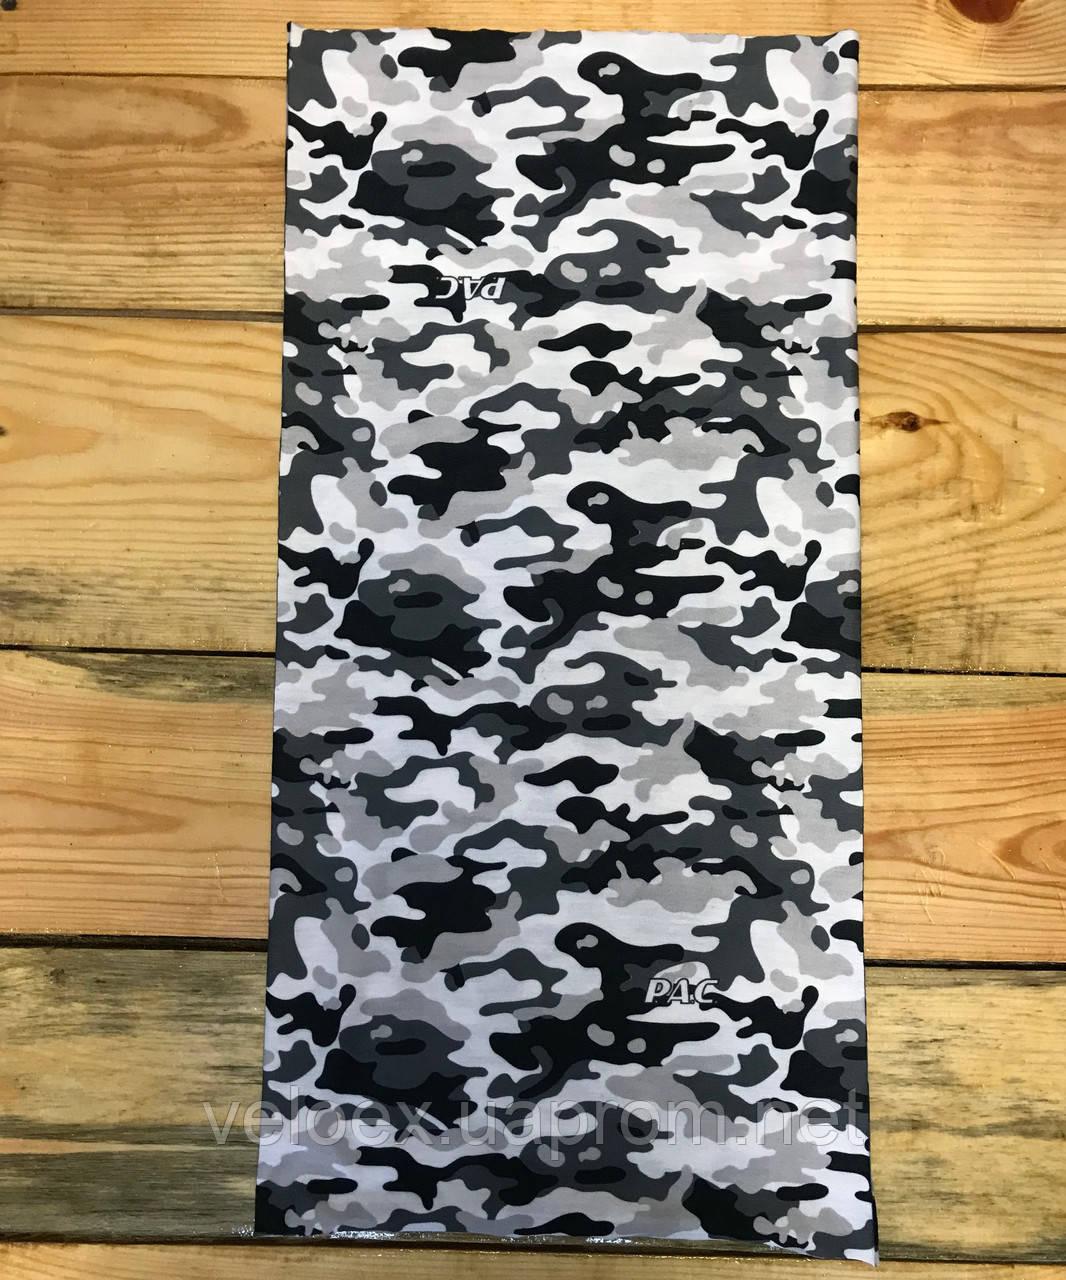 Головной убор P.A.C. Original Camouflage Grey, фото 1